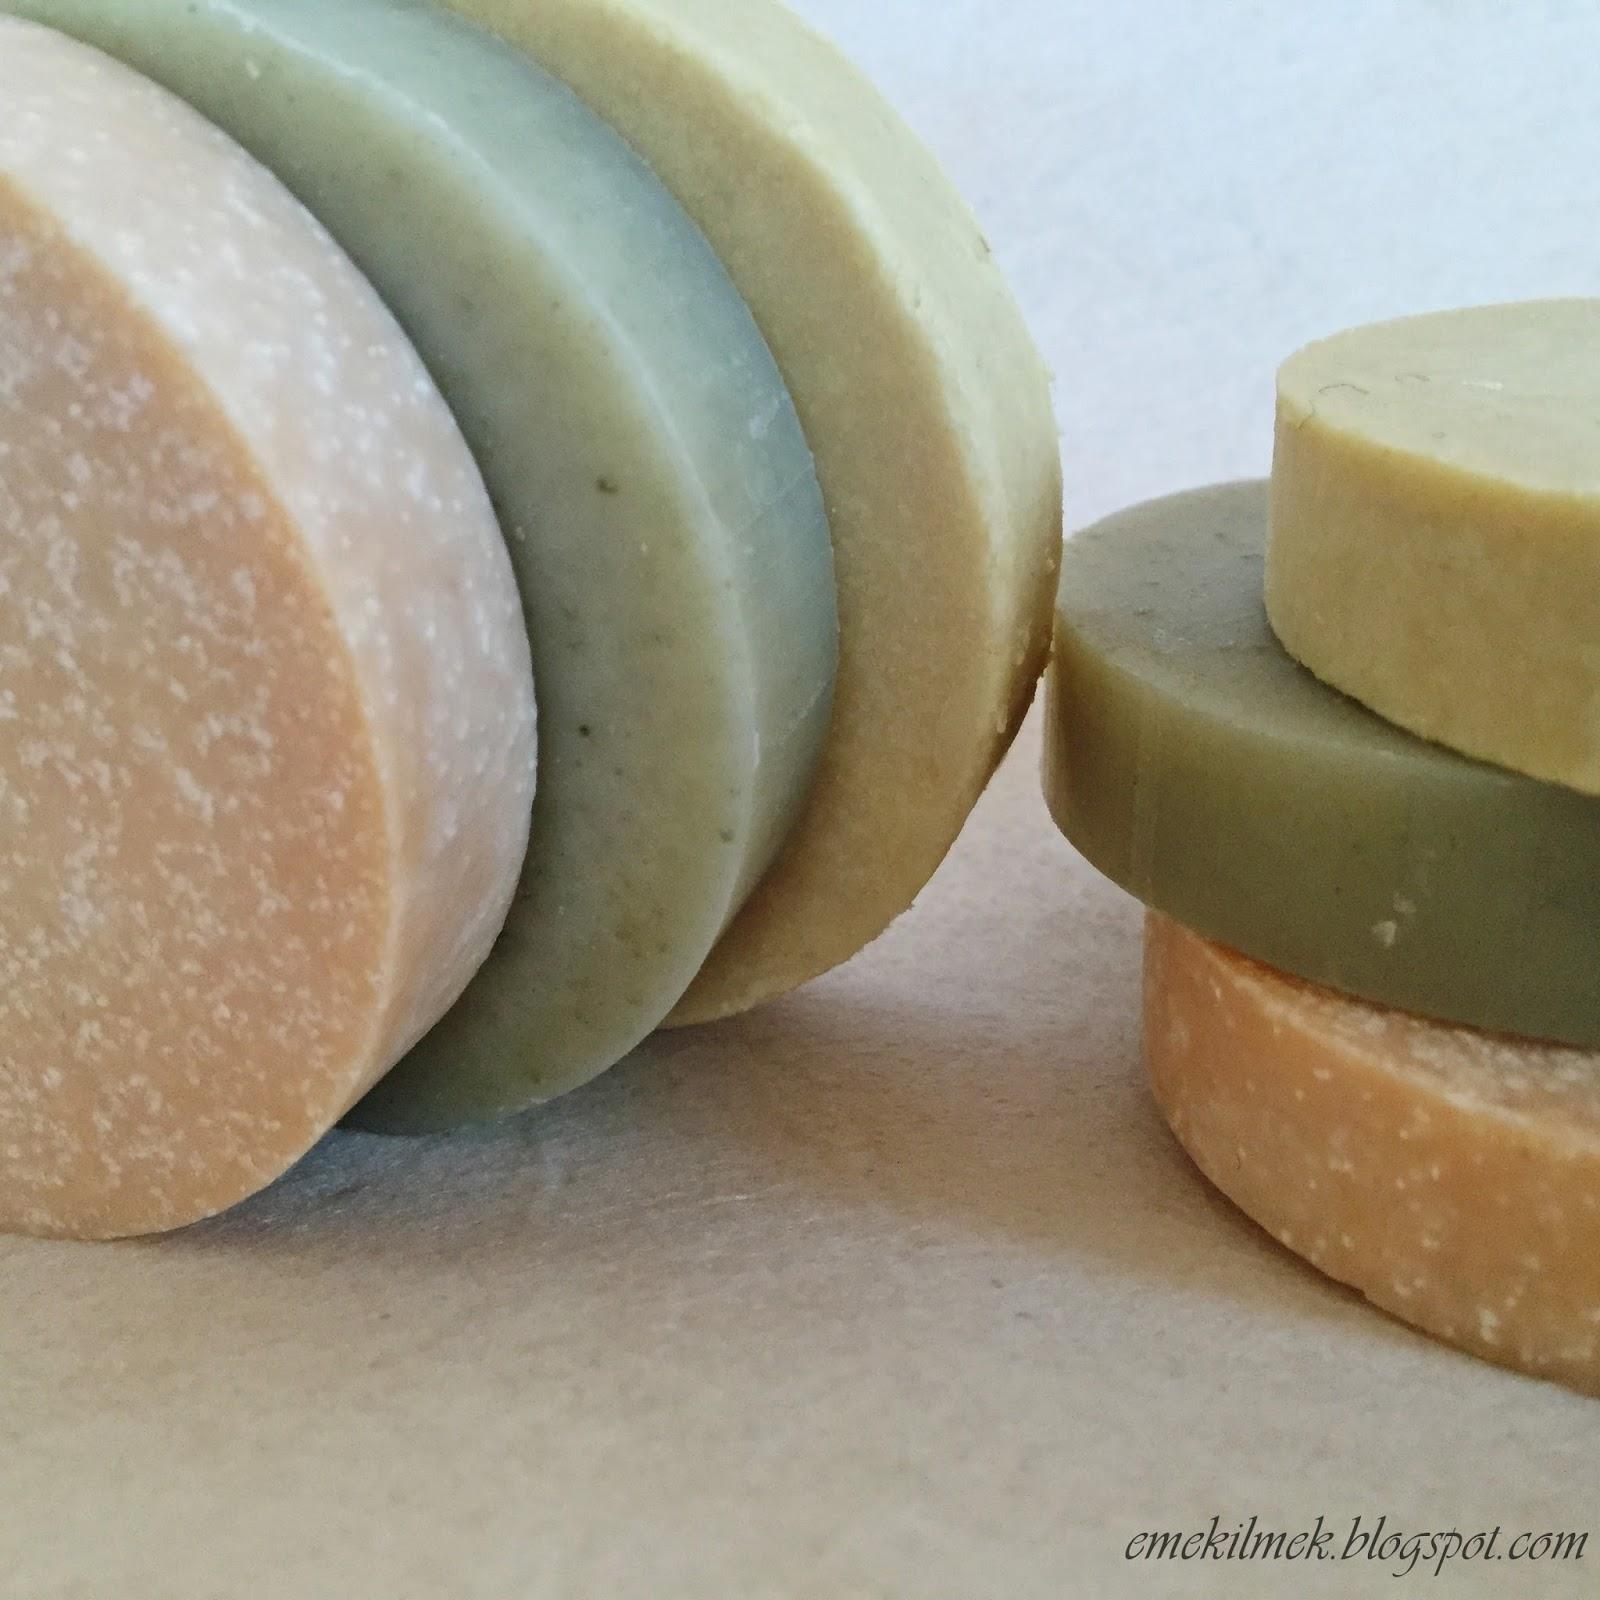 Sabun fındık: yorumlar. Saç için Sabun Fındık